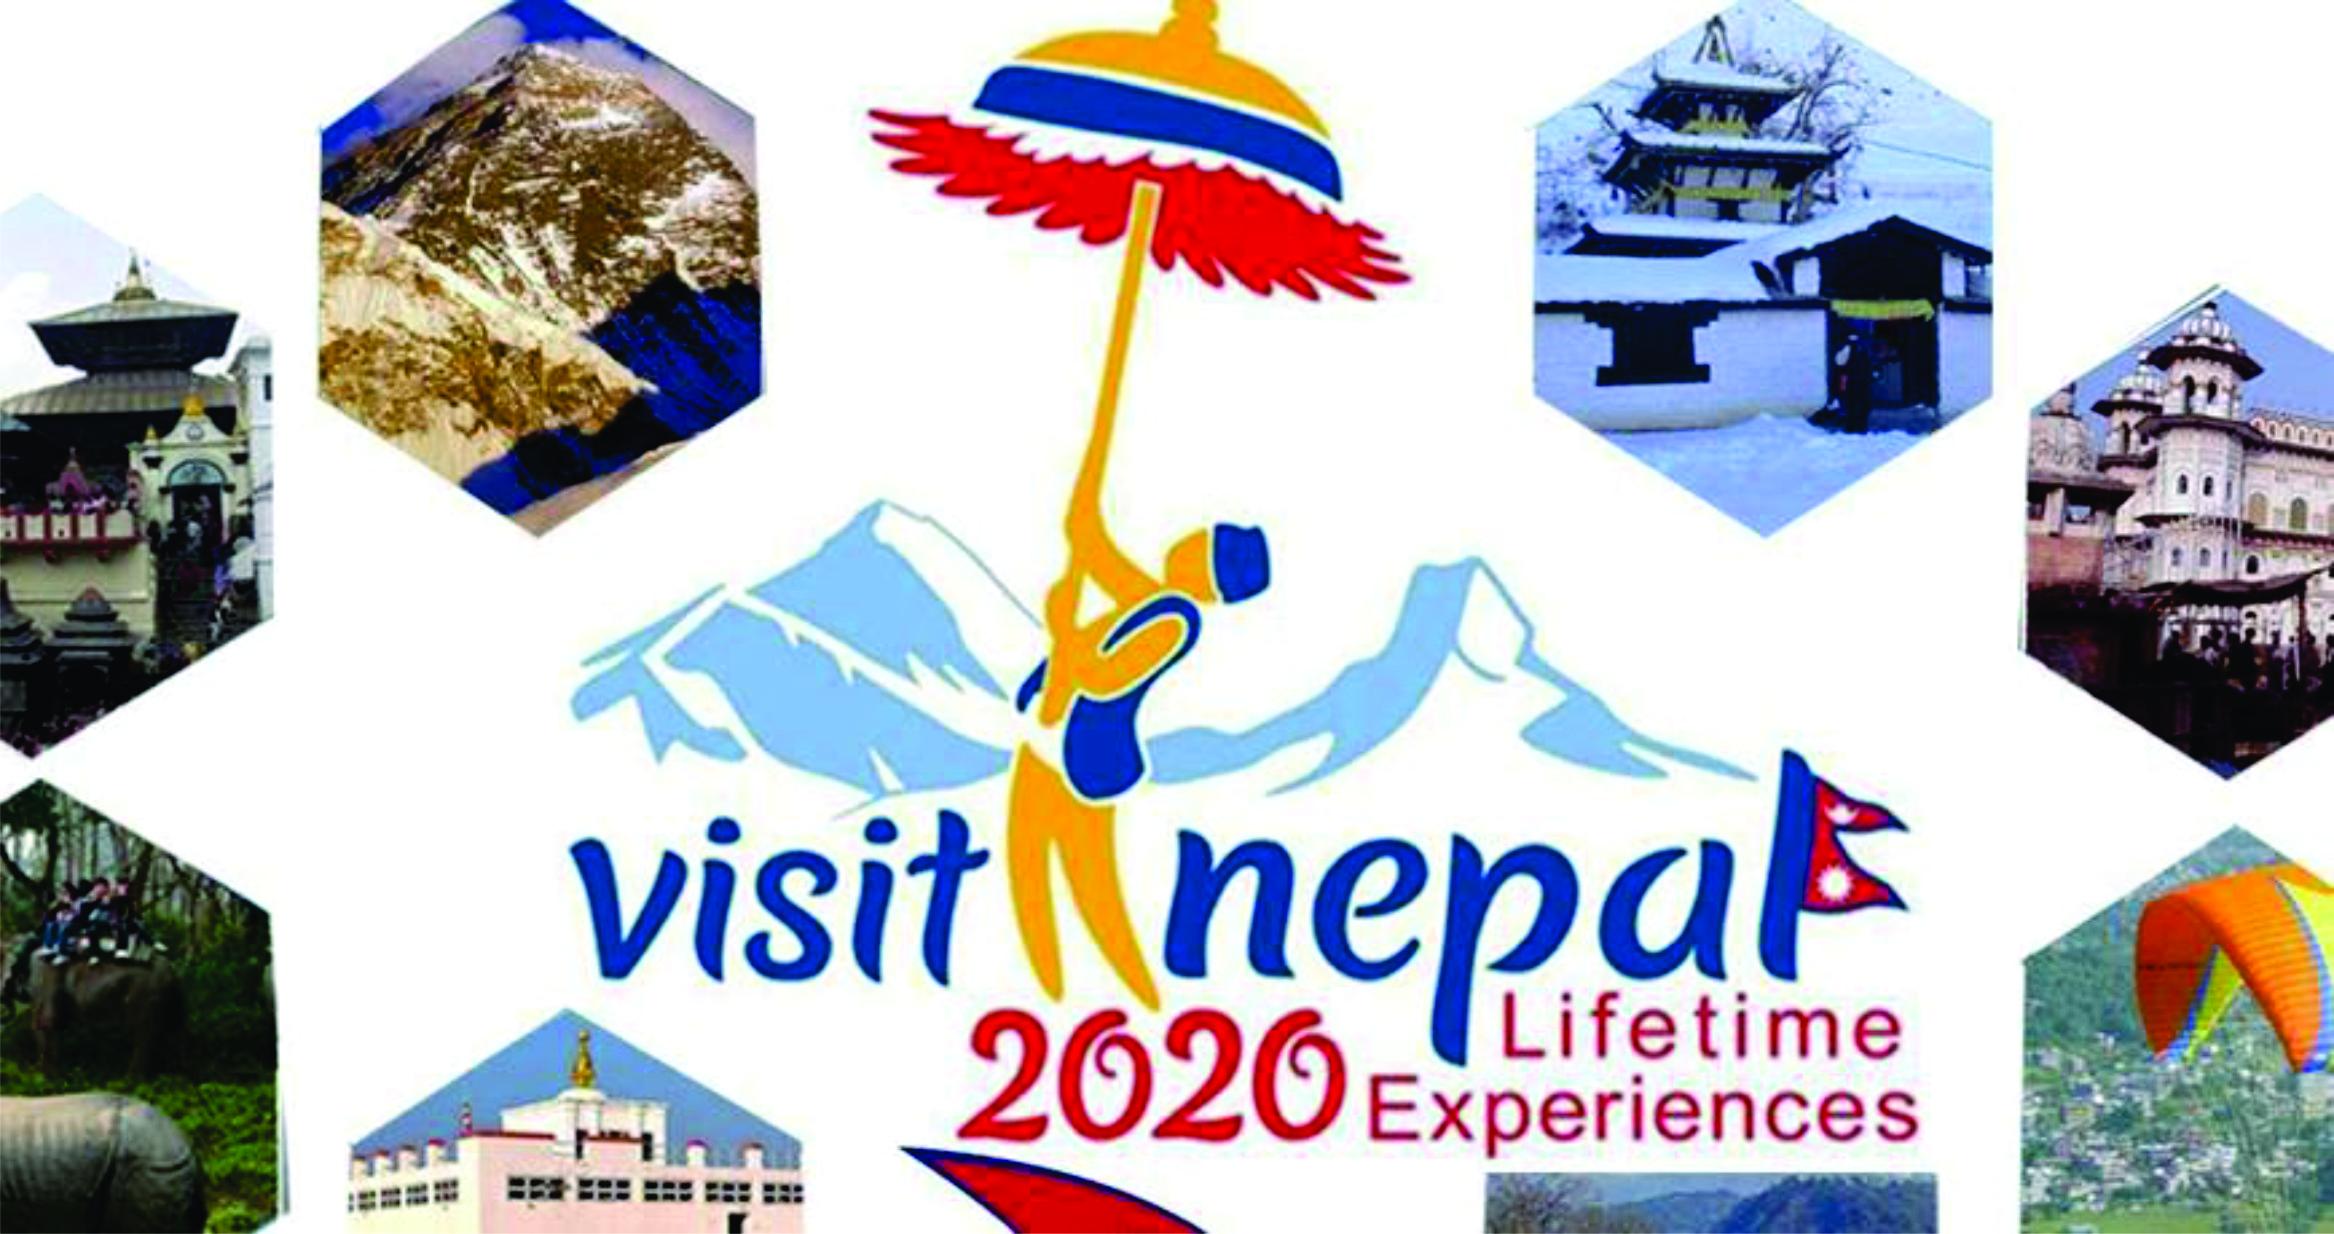 नेपाल भ्रमण वर्ष २०२० औपचारिक रुपमा स्थगित